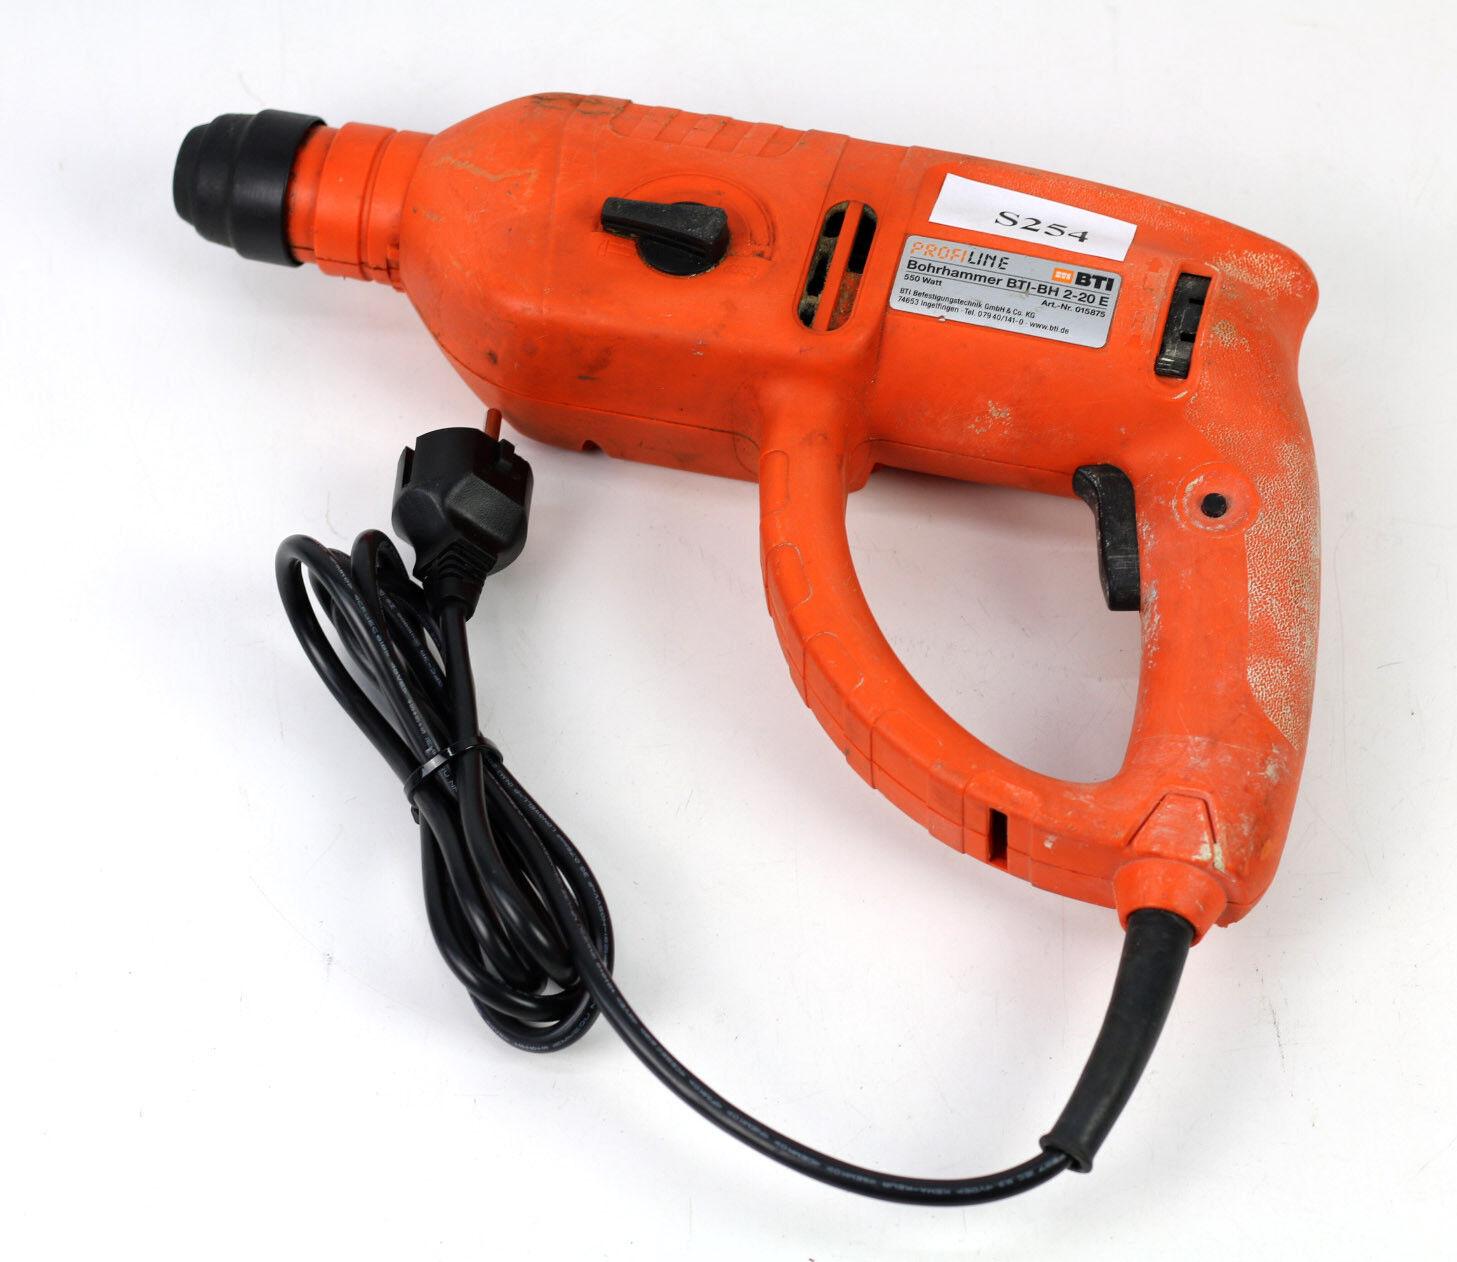 BTI Profiline Bohrhammer BTI-BH 2-20 E, Rechts / Linkslauf, pneumatic power